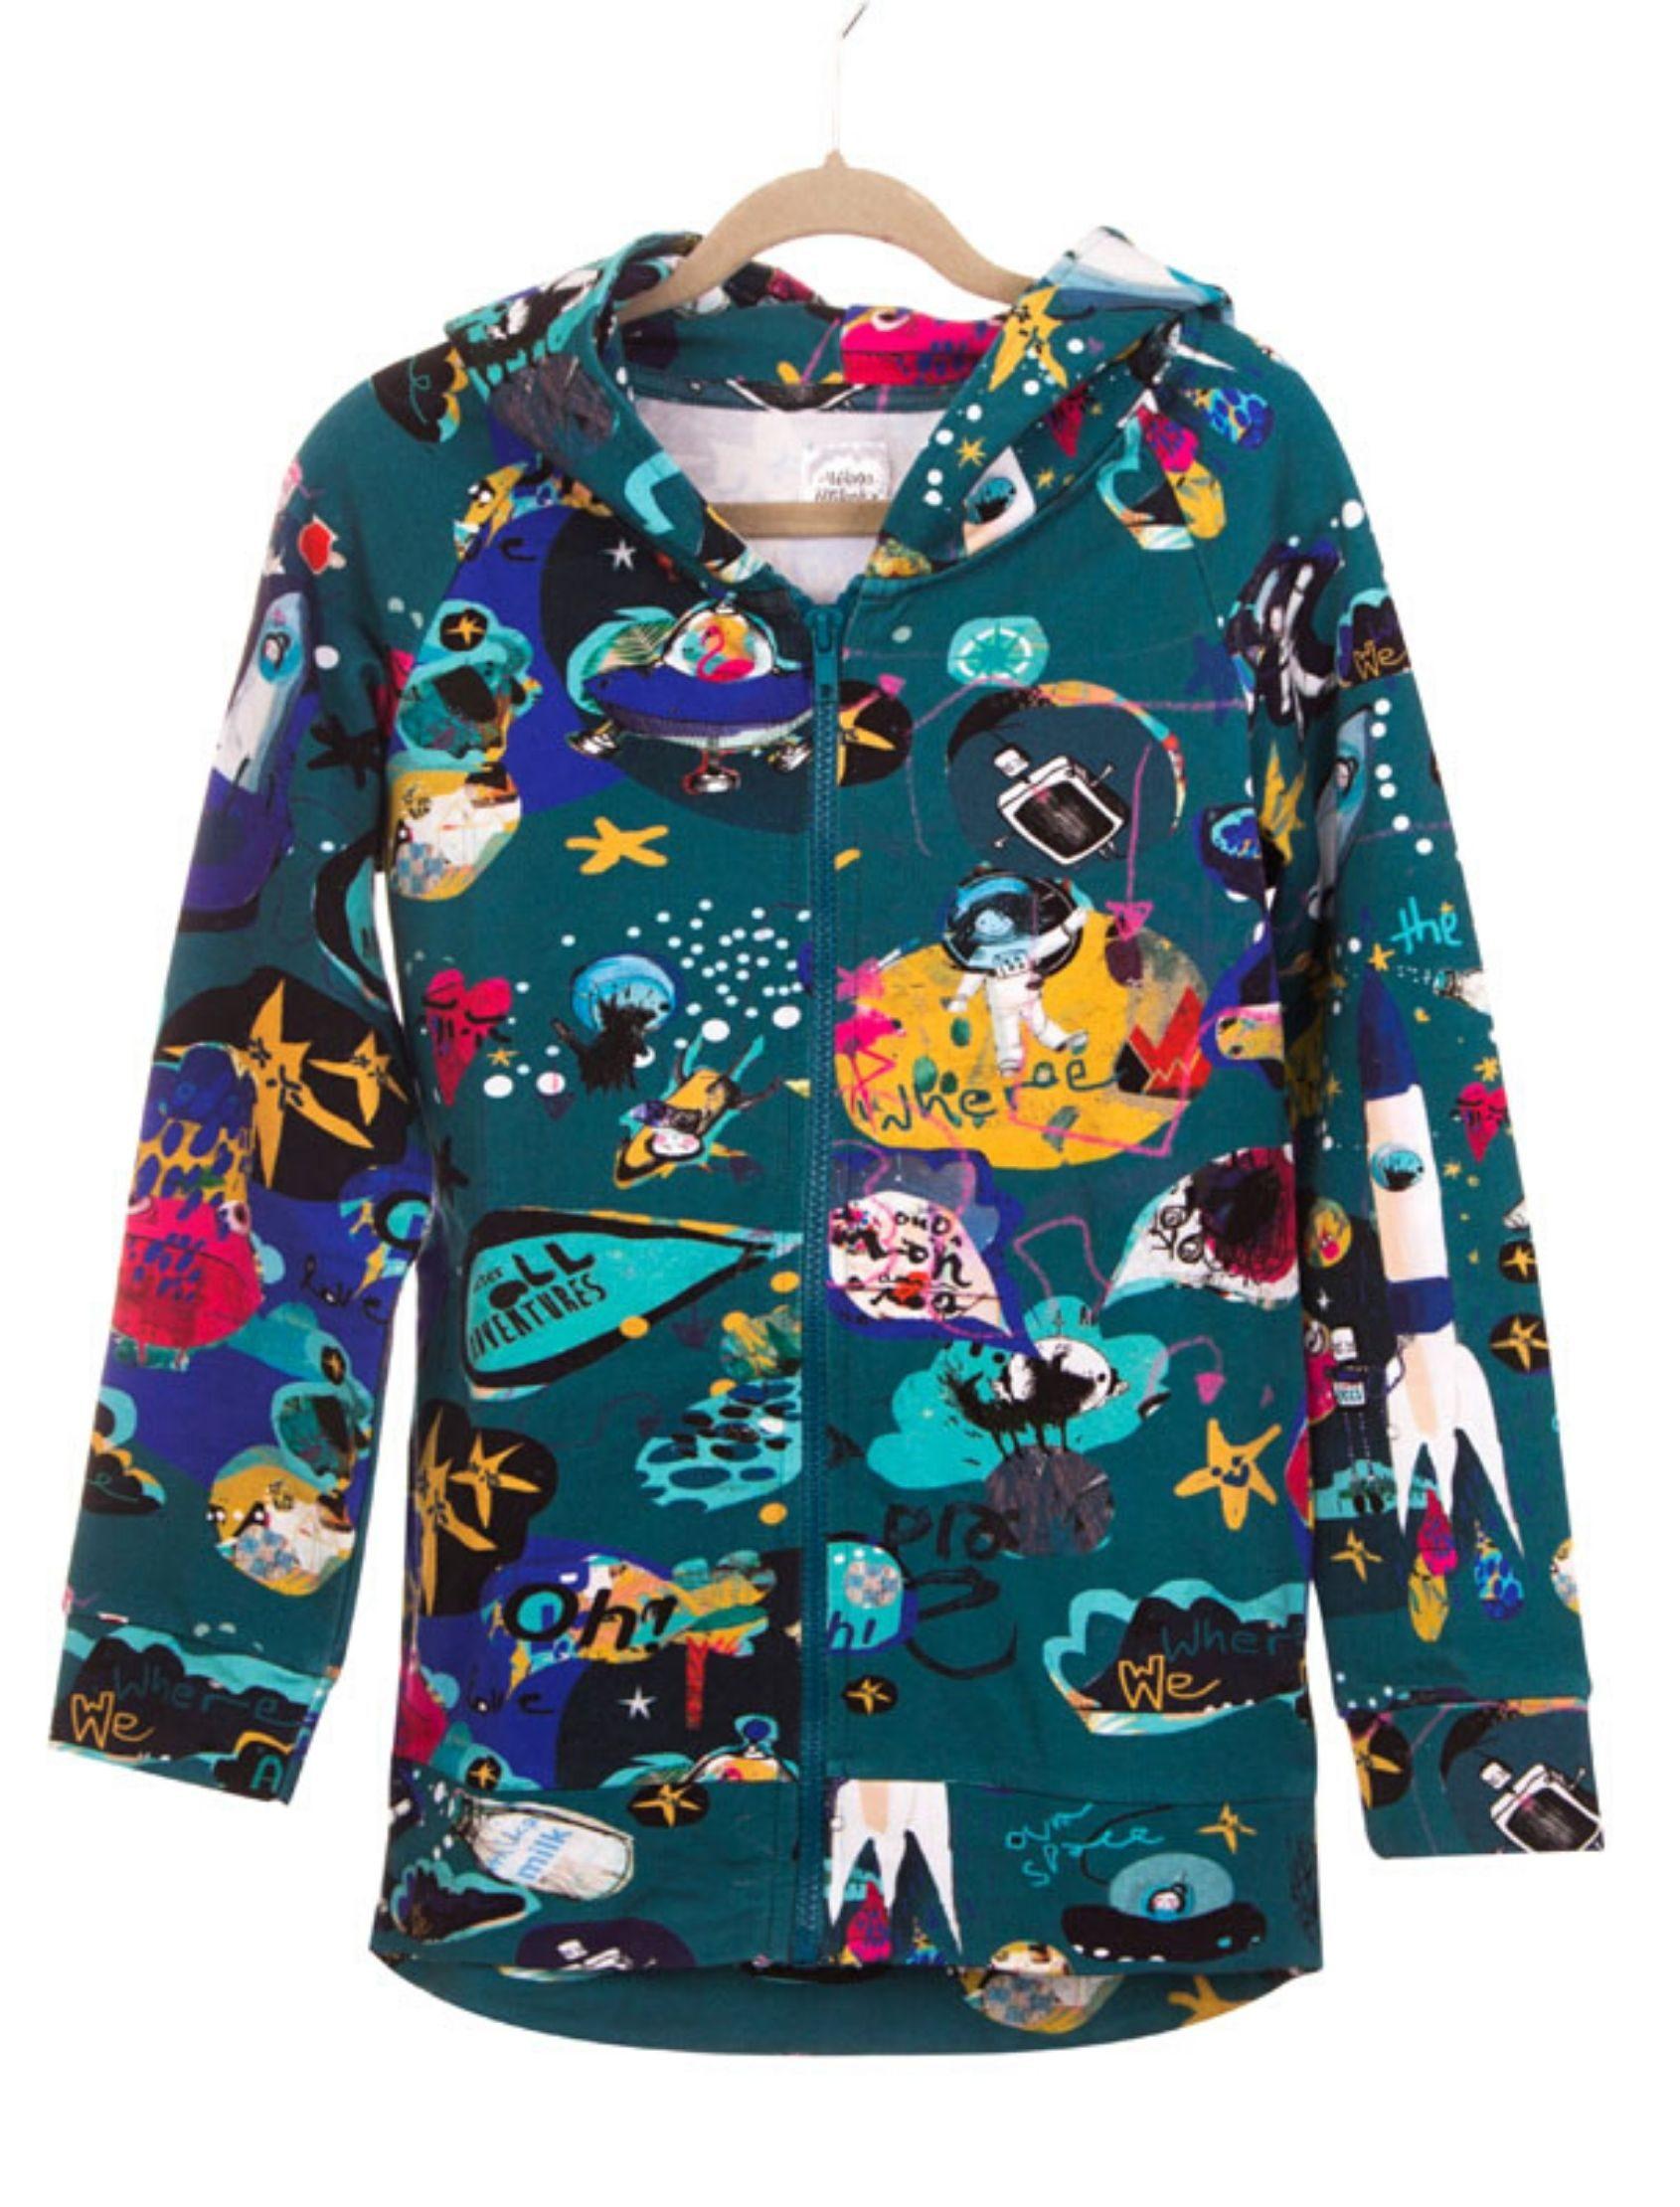 sudadera space unisex con capucha y original estampado de Milena & Milenka.